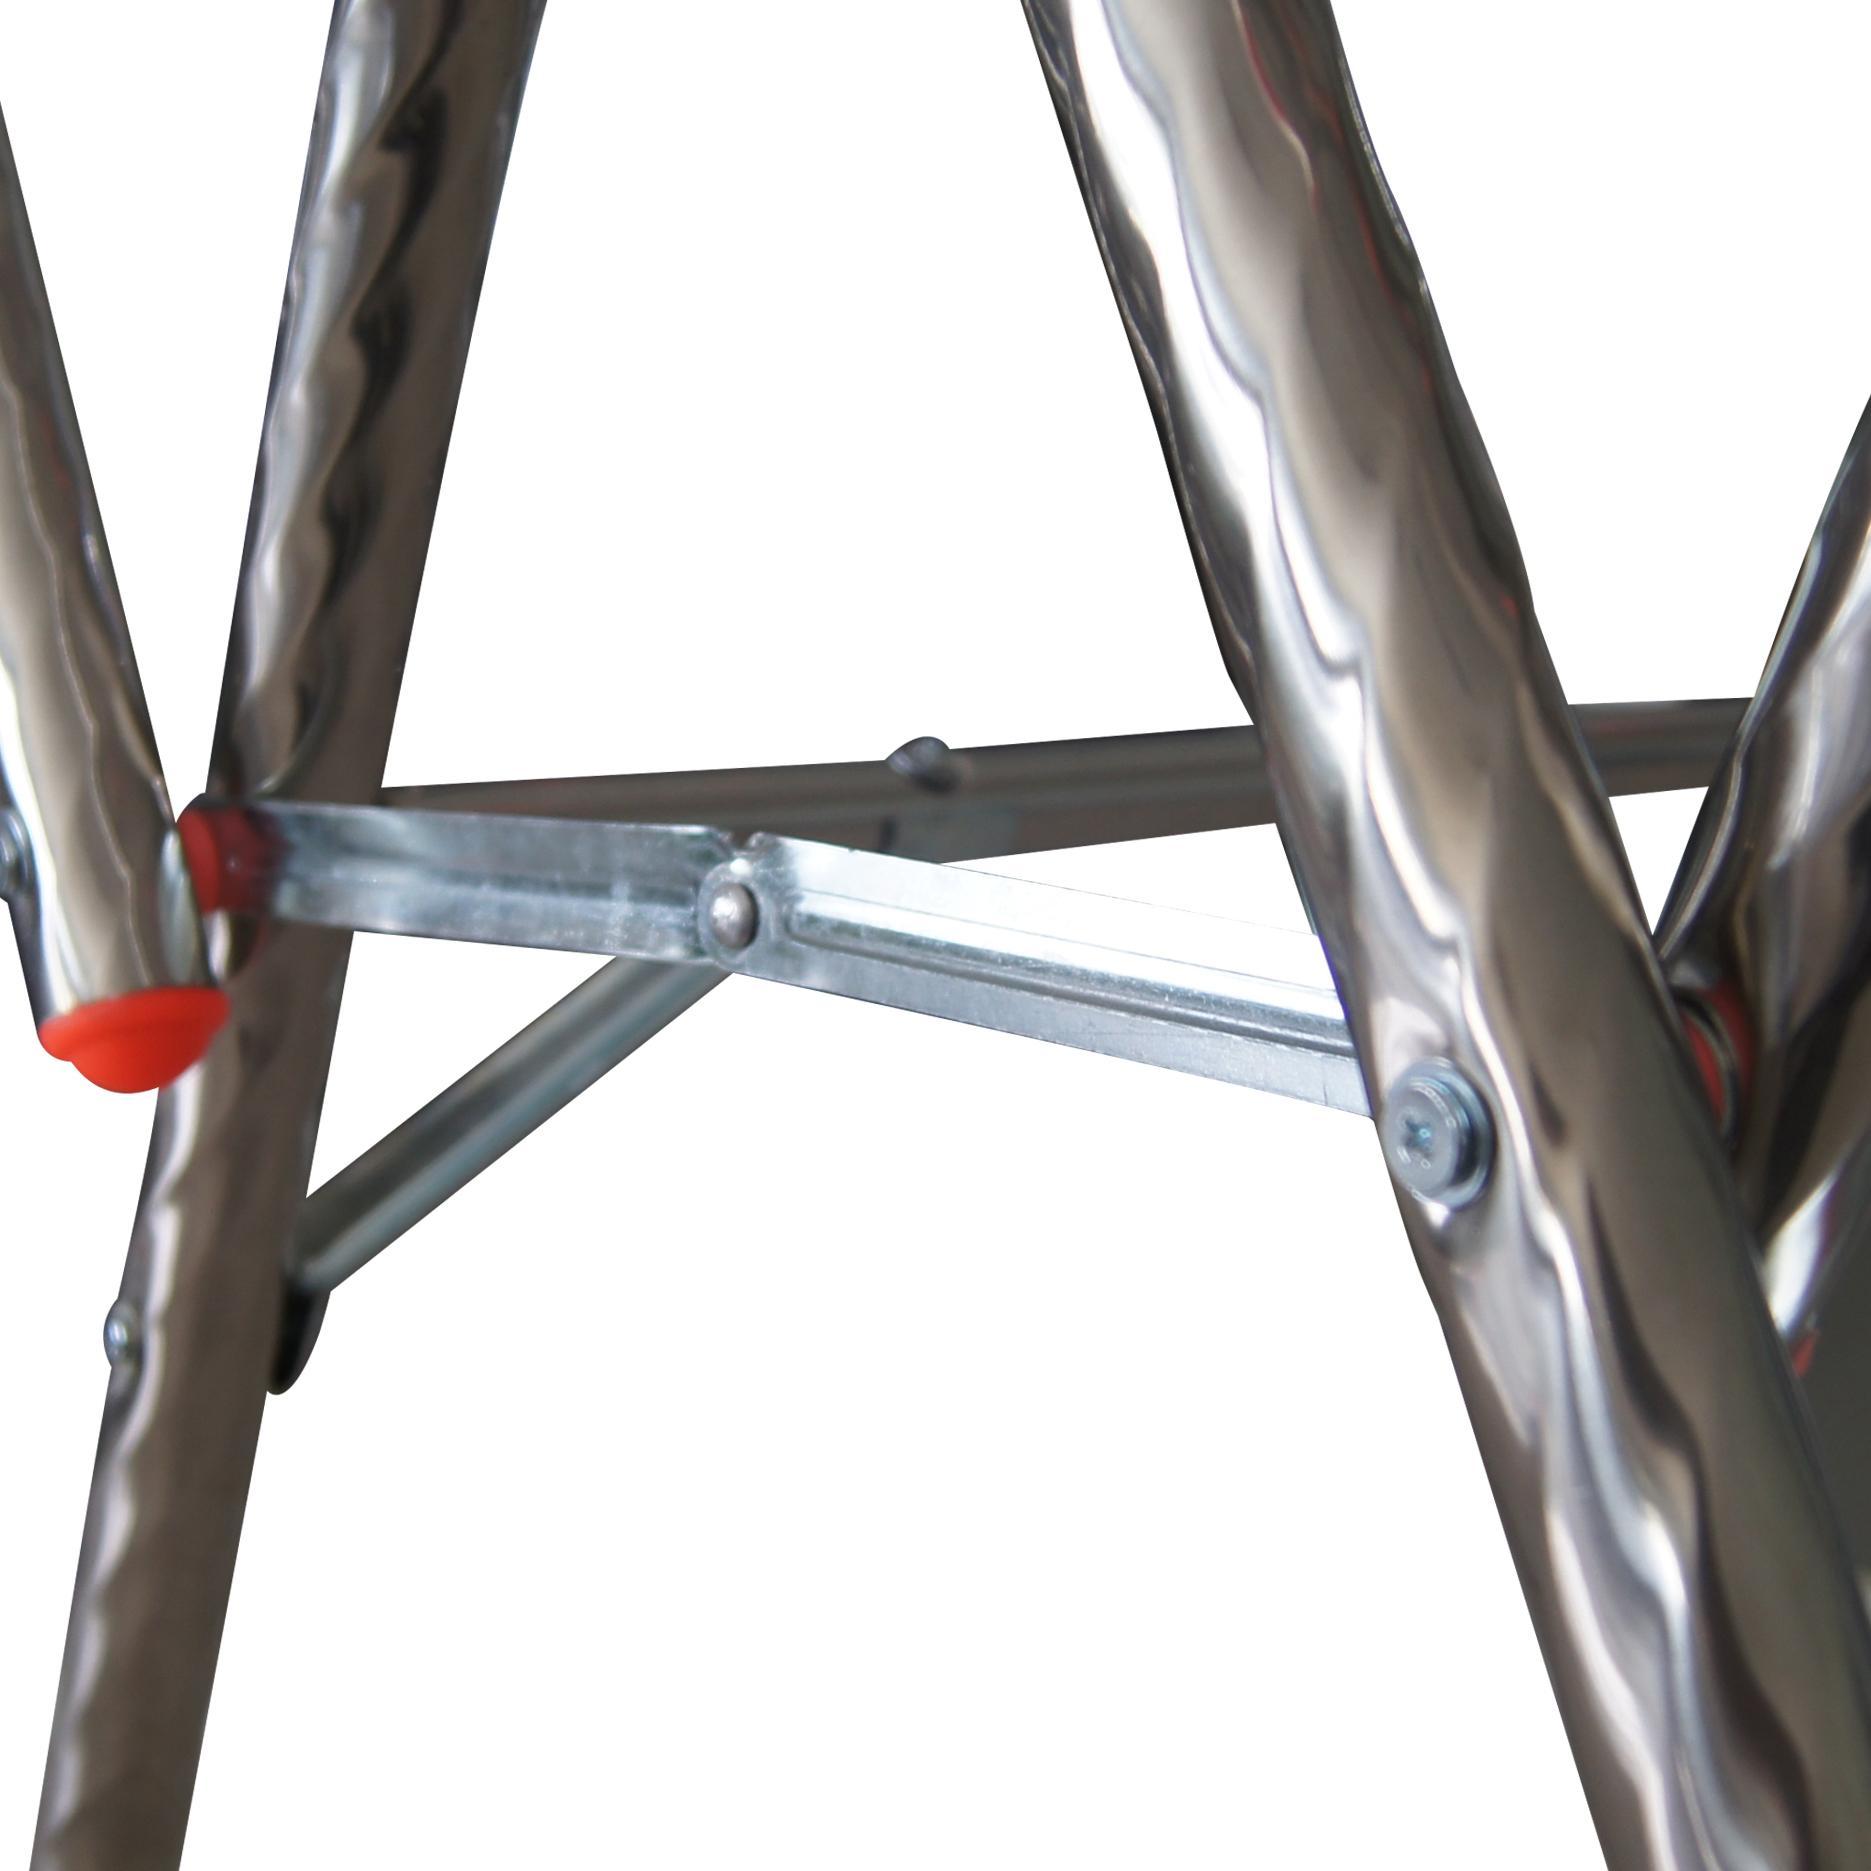 Jemuran Baju Pakaian Handuk A8 Stainless Steel Stenlis - 4